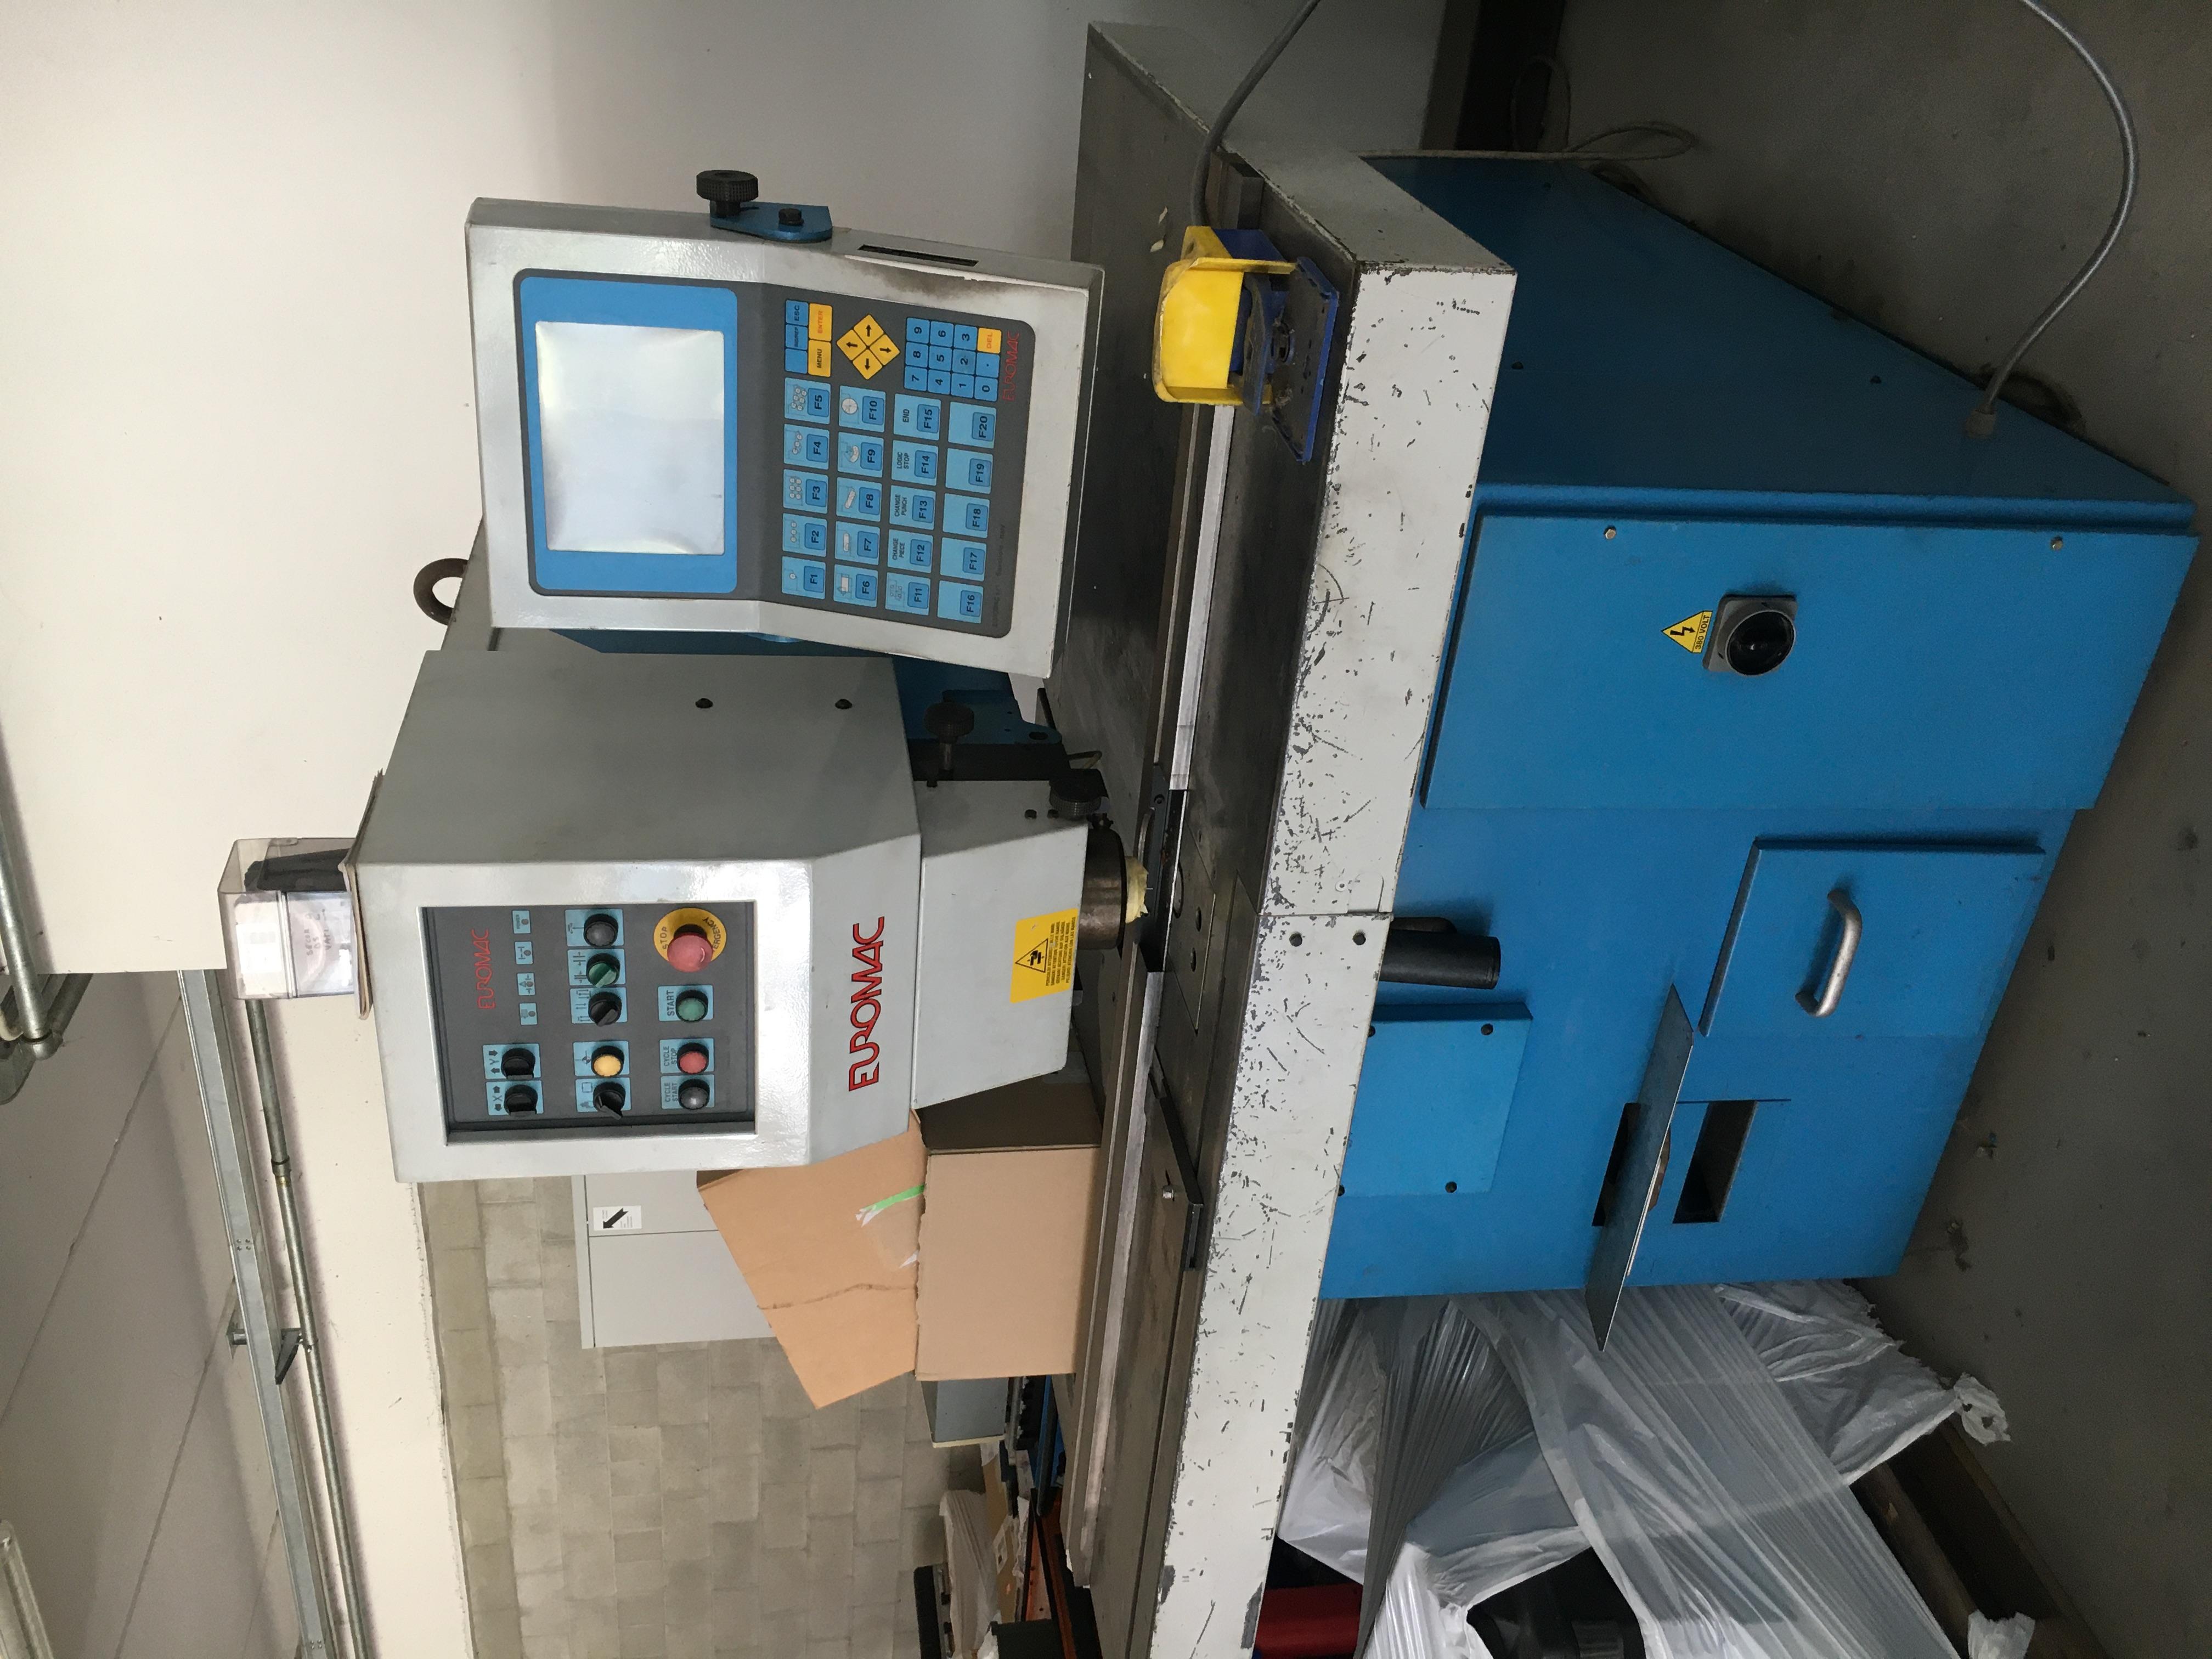 PUNZONATRICE IDRAULICA EUROMAC XP 950/30 CNC in vendita - foto 1